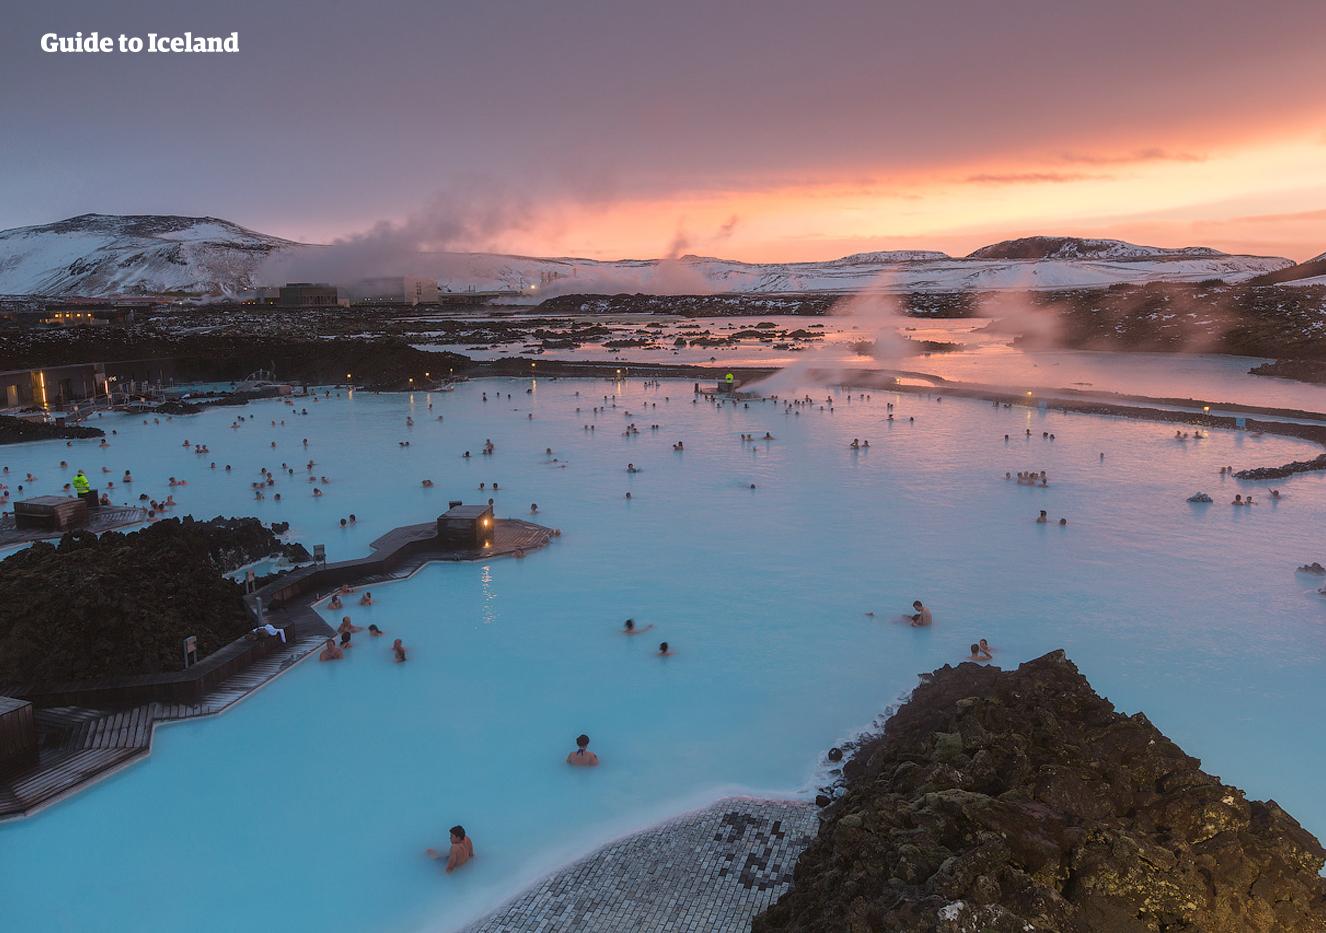 冰岛蓝湖是一个集泳池、SPA和治疗于一身的温泉,位于雷克亚内斯半岛,全年向游客开放